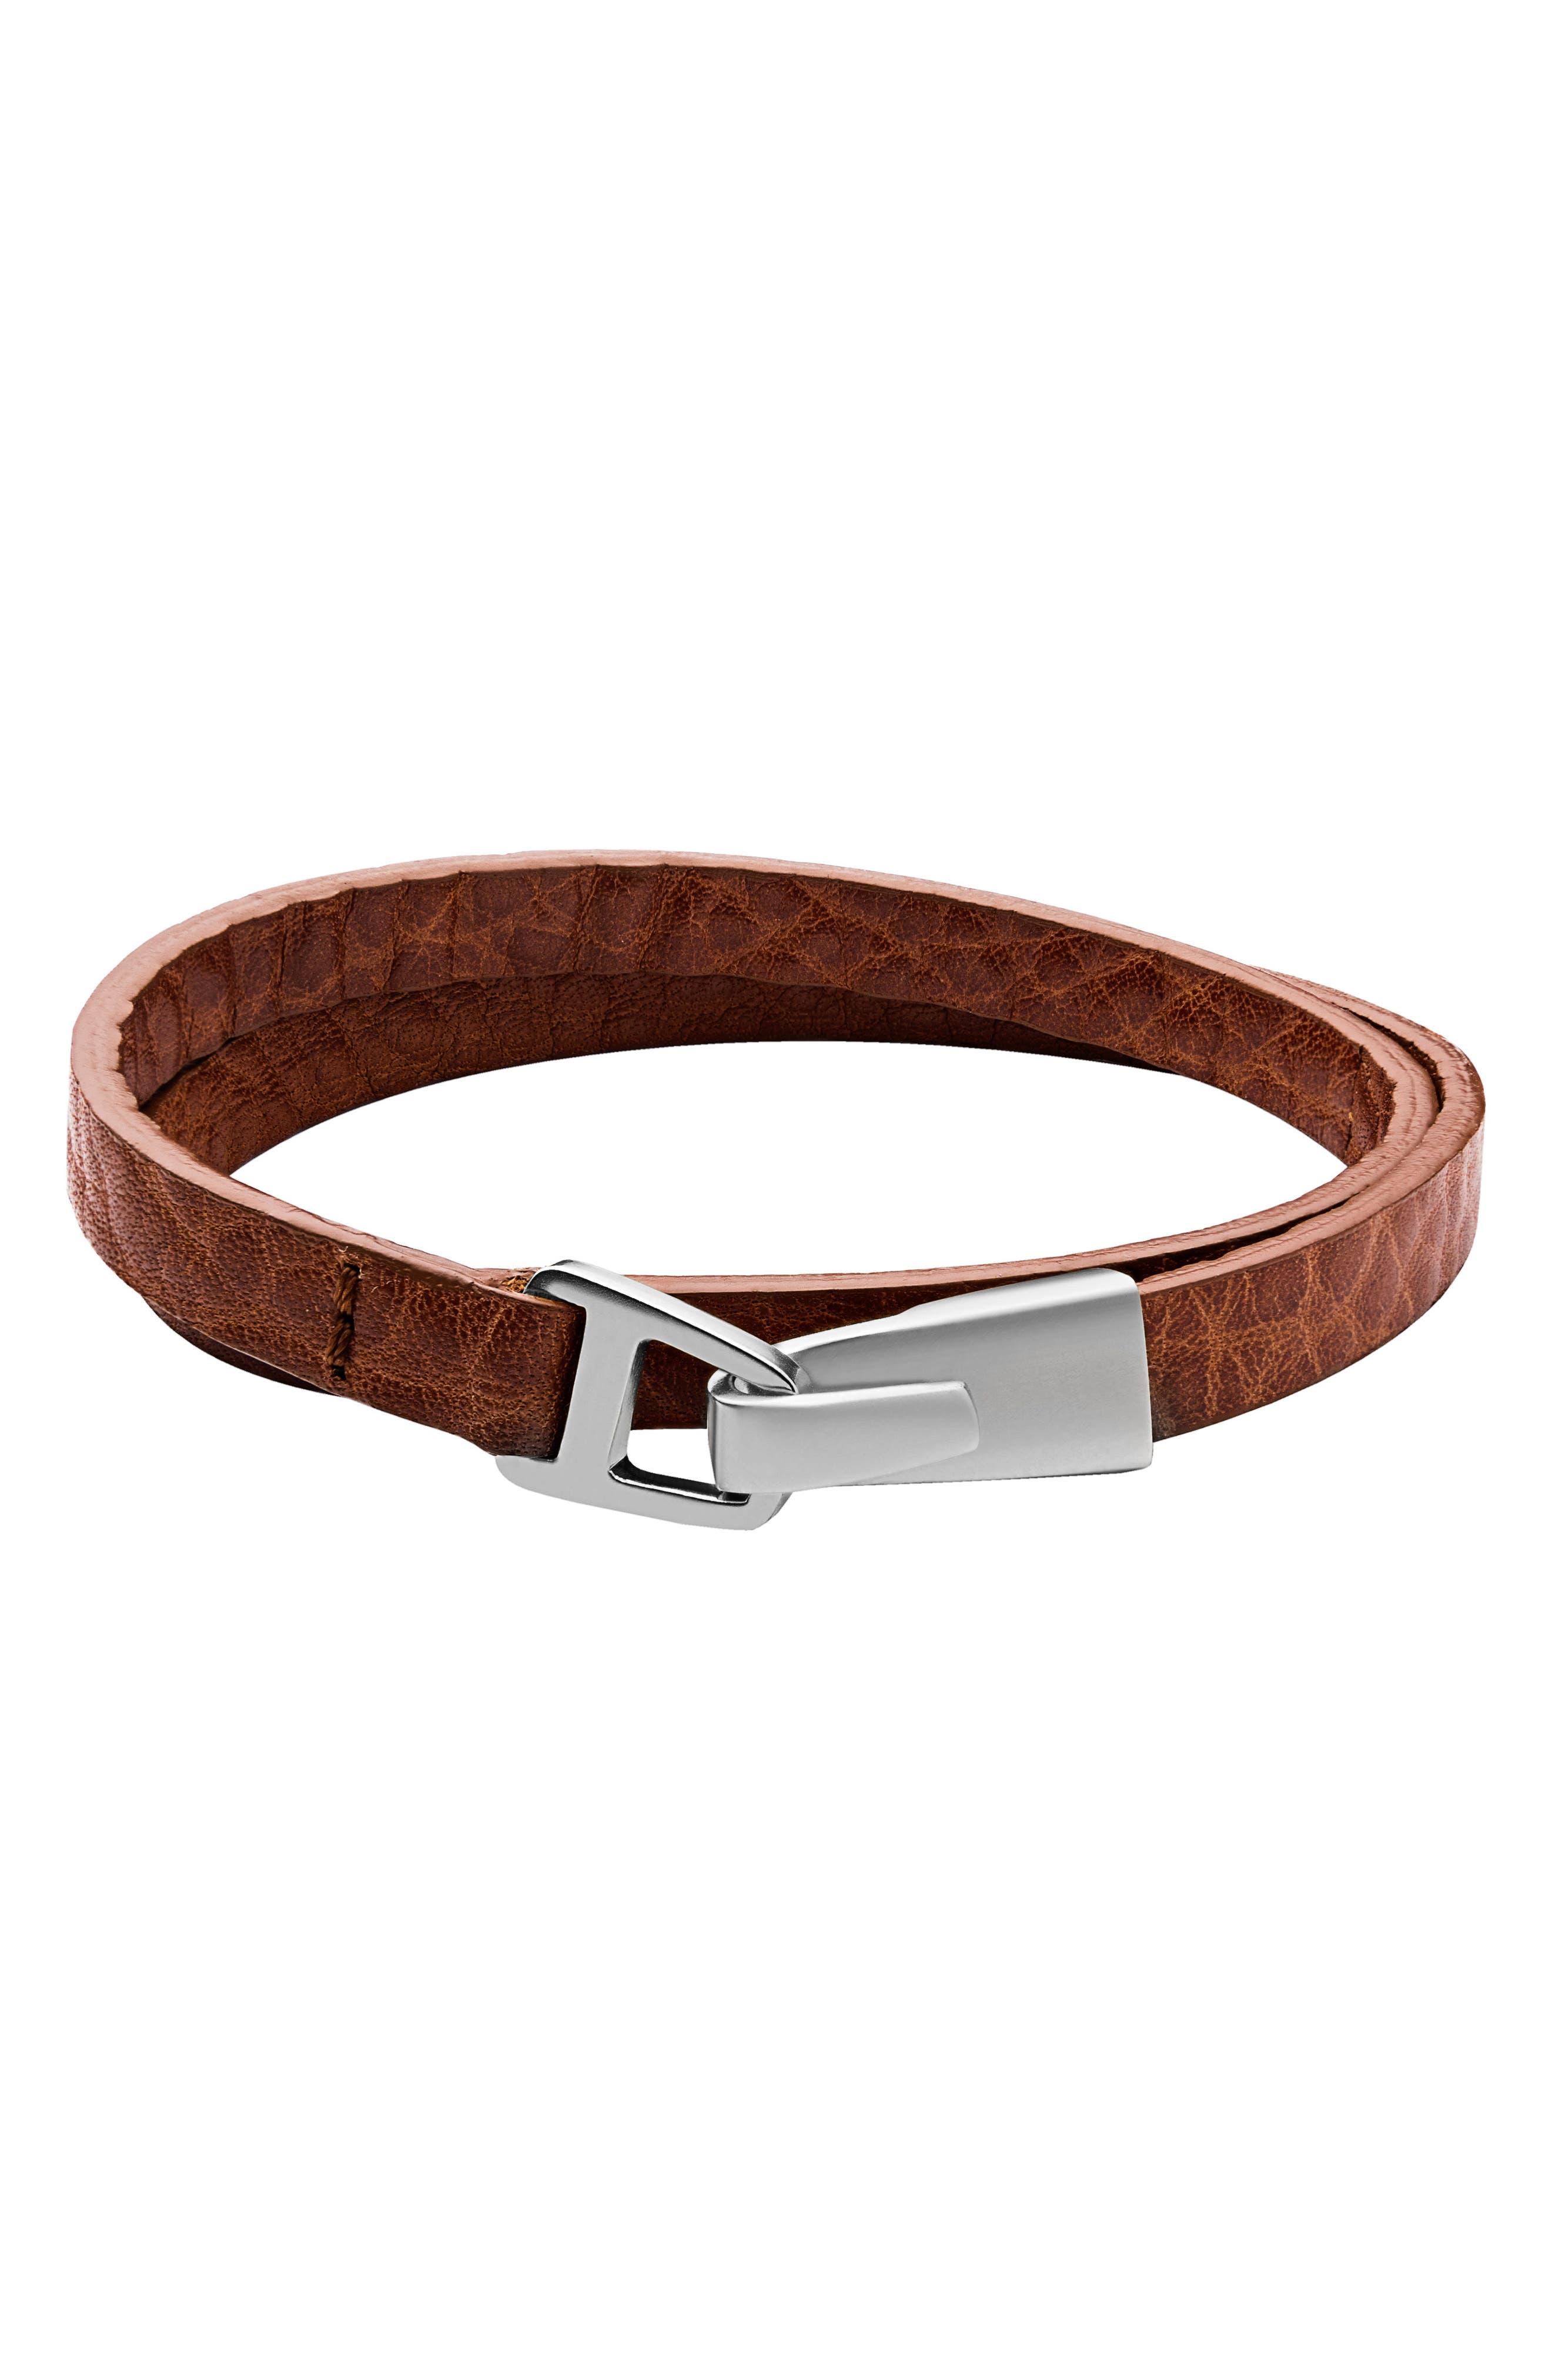 Moore Leather Wrap Bracelet,                         Main,                         color, 241